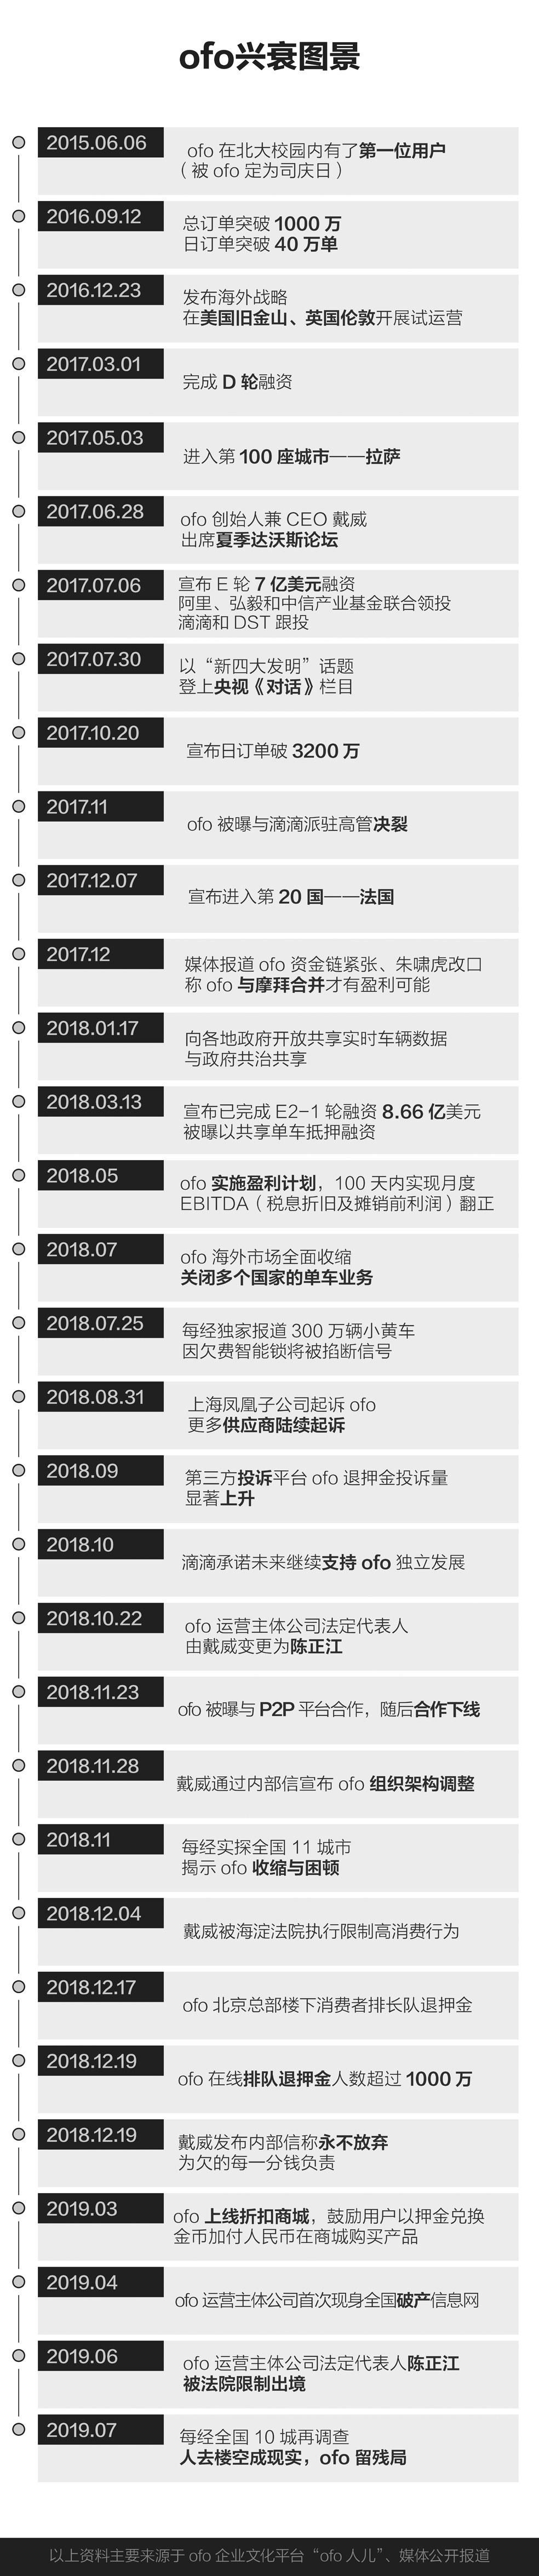 ofo残局复盘 传统产业链玩不起的资本游戏 新湖南www.hunanabc.com